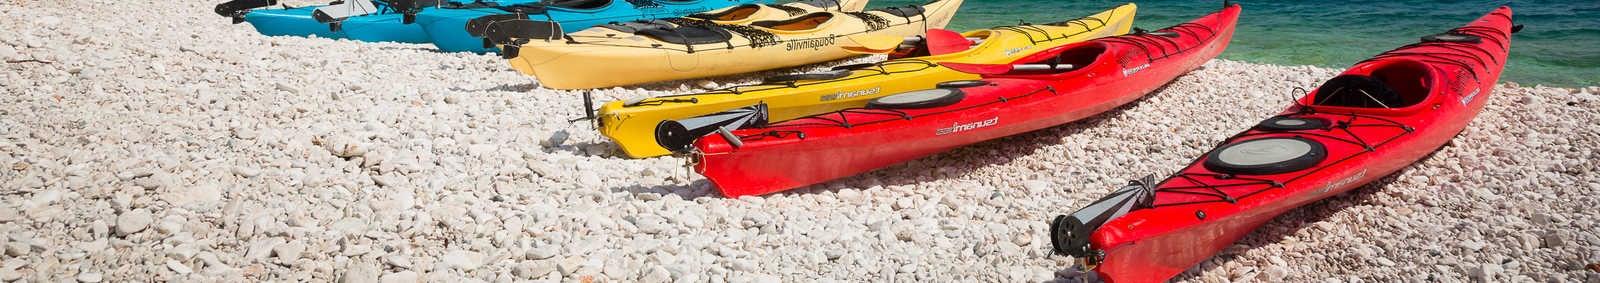 KAS, TURKEY Kayaks on beach, Turkey